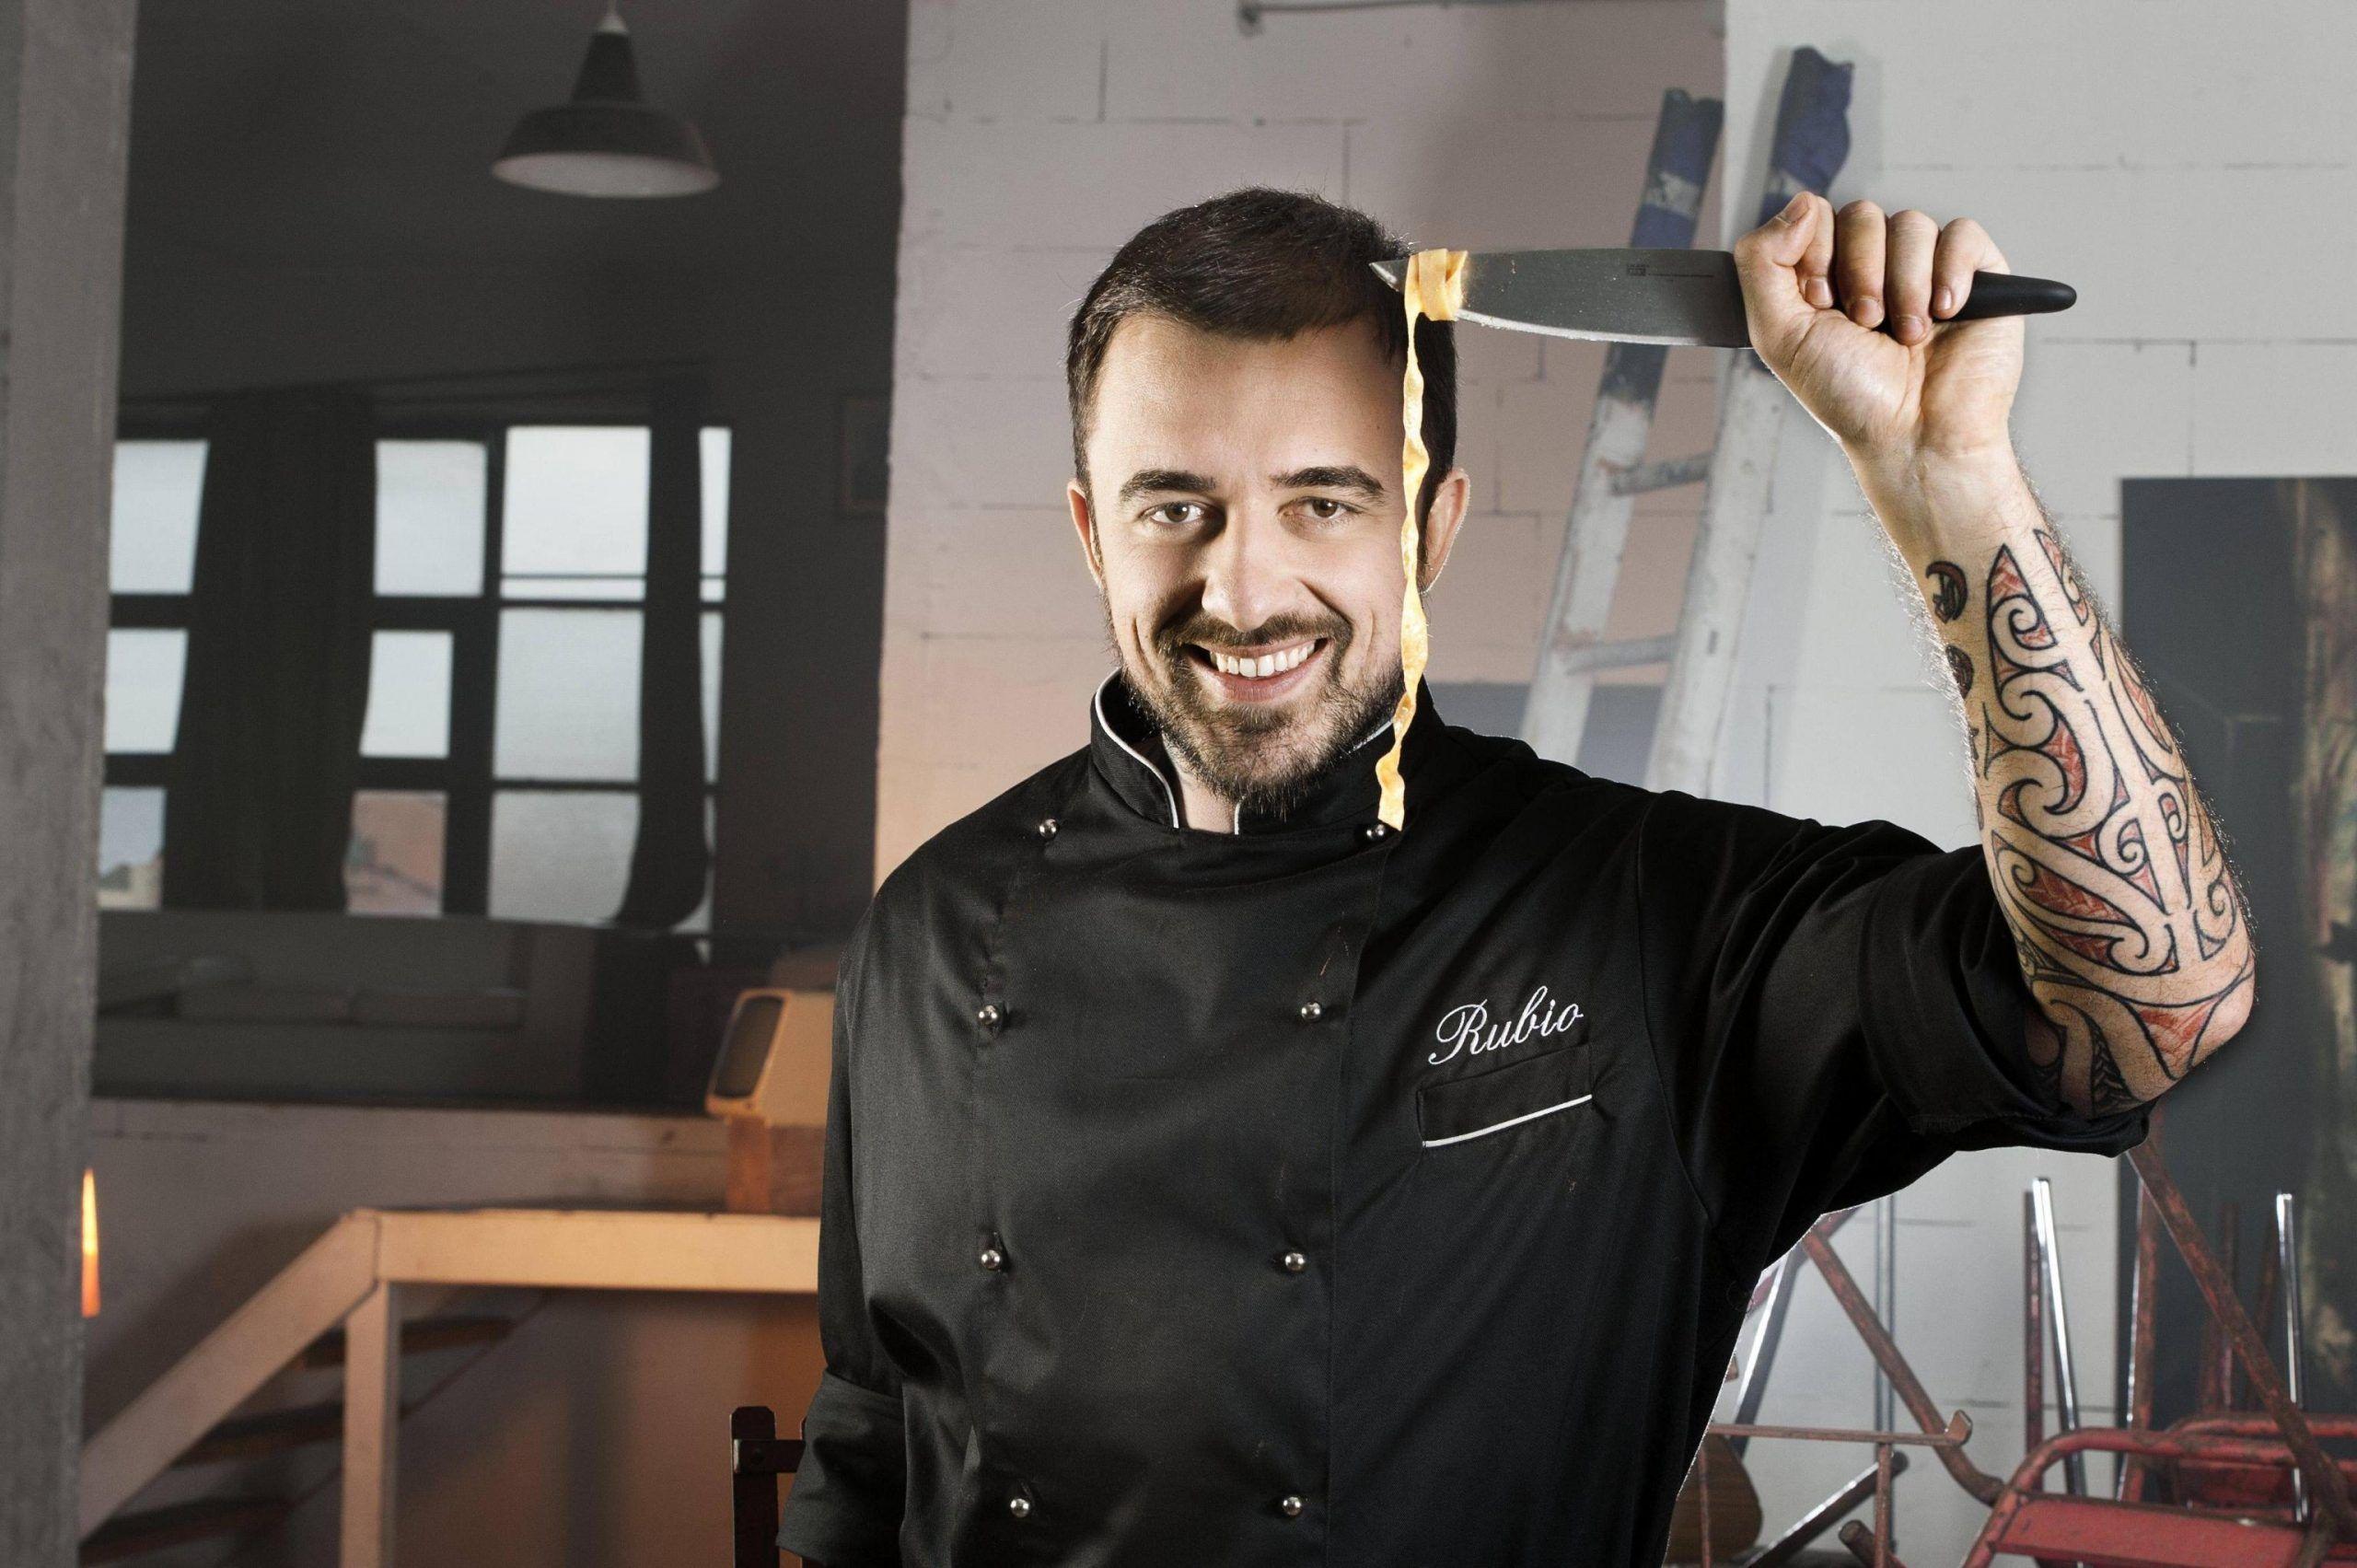 Chef Rubio Belen